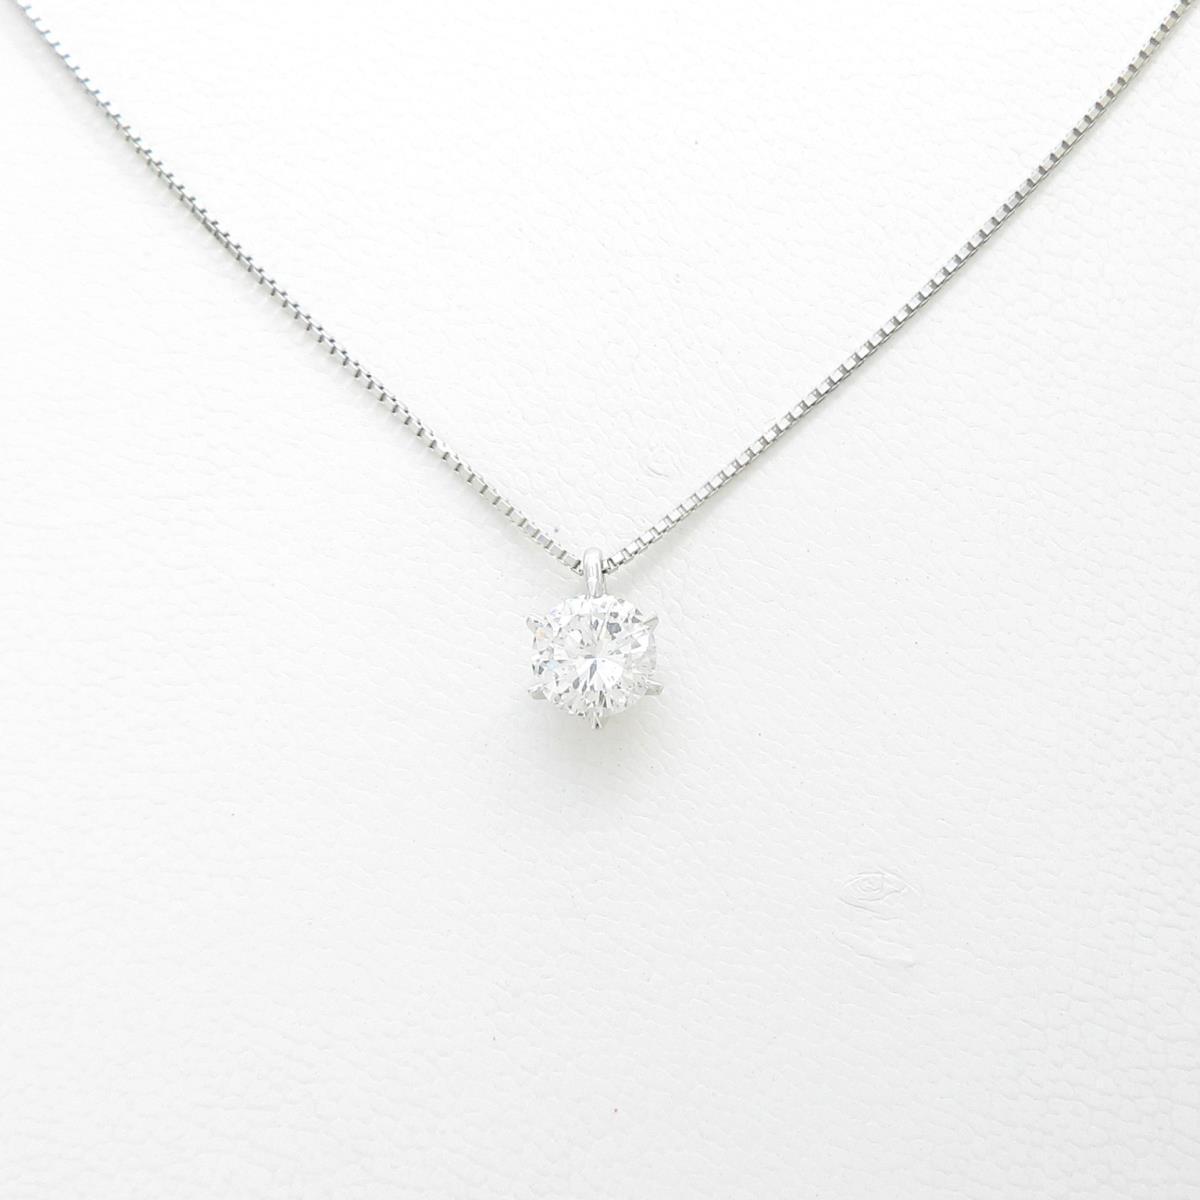 【リメイク】プラチナダイヤモンドネックレス 1.015ct・E・I1・GOOD【中古】